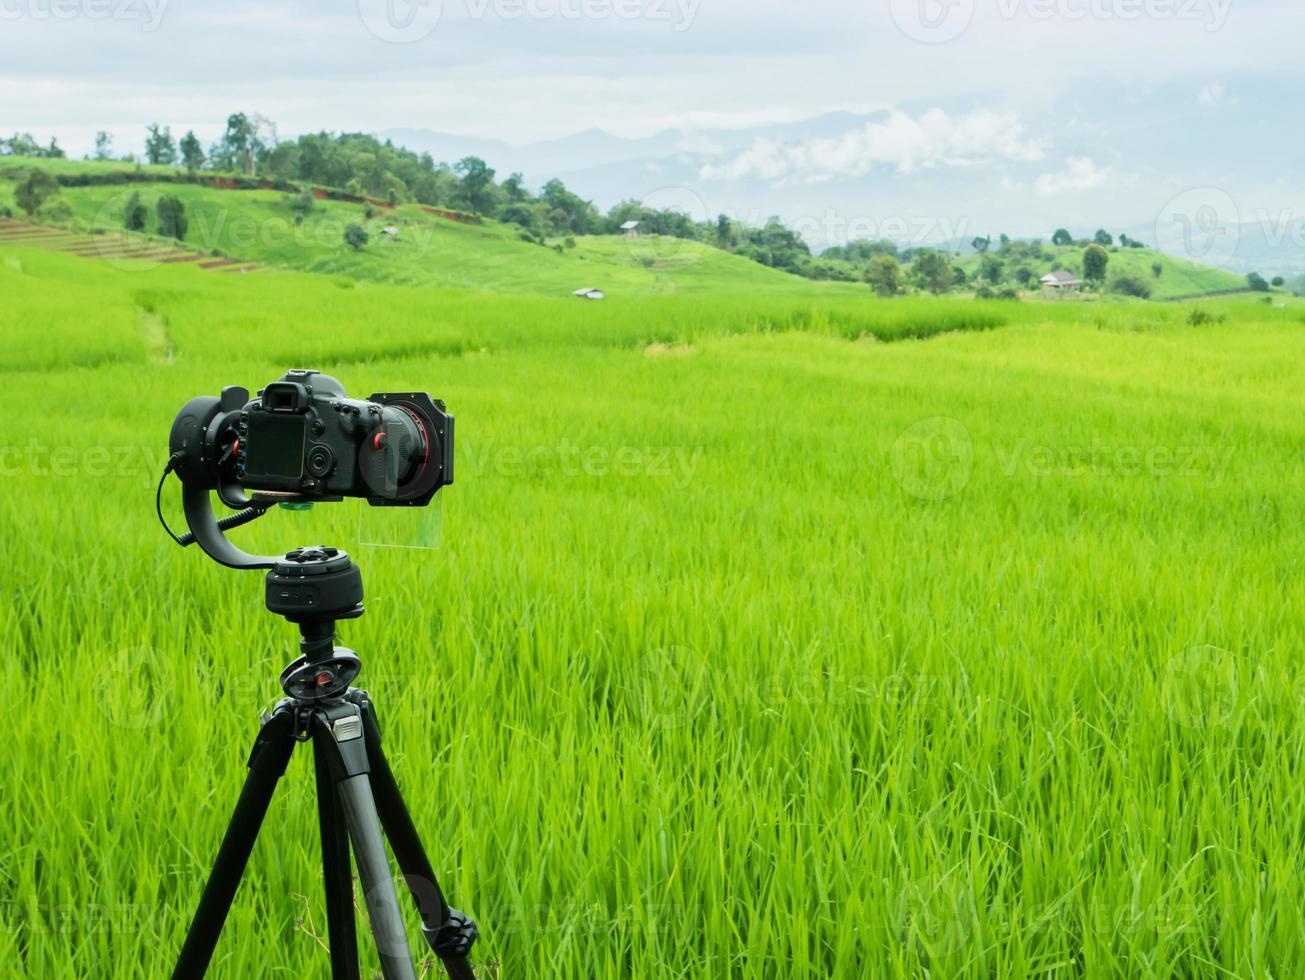 videocamera in un campo verde foto